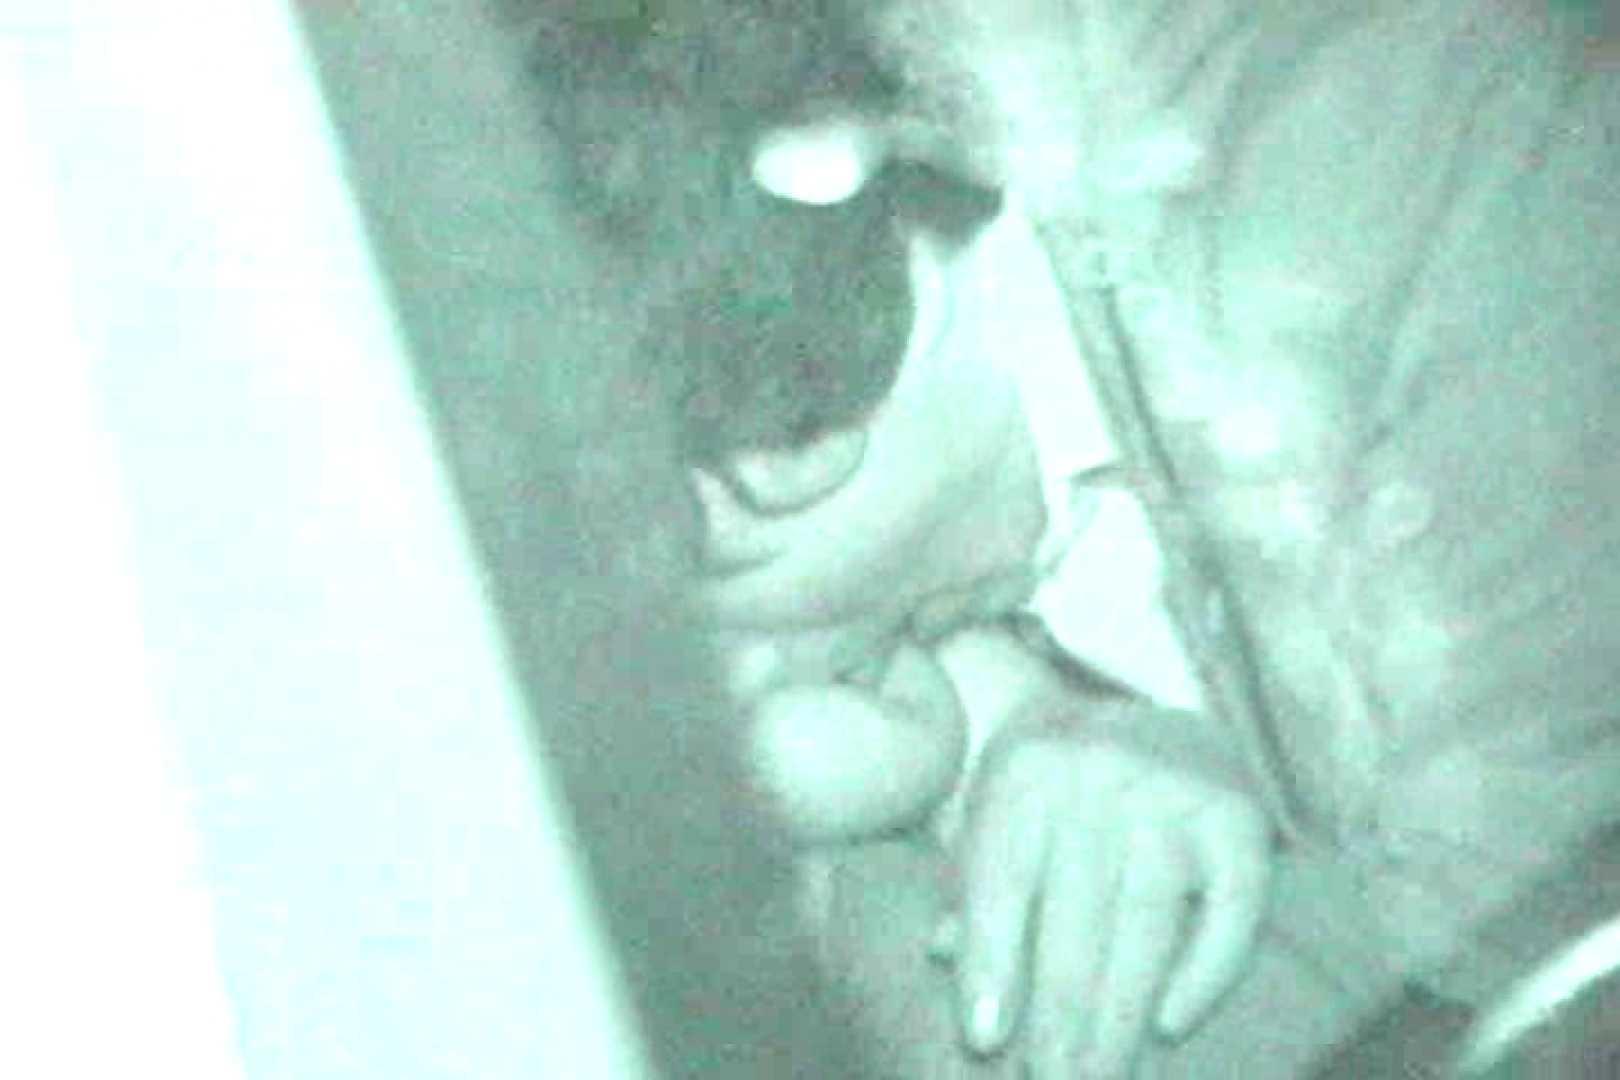 充血監督の深夜の運動会Vol.33 マンコ映像 おめこ無修正画像 43連発 28